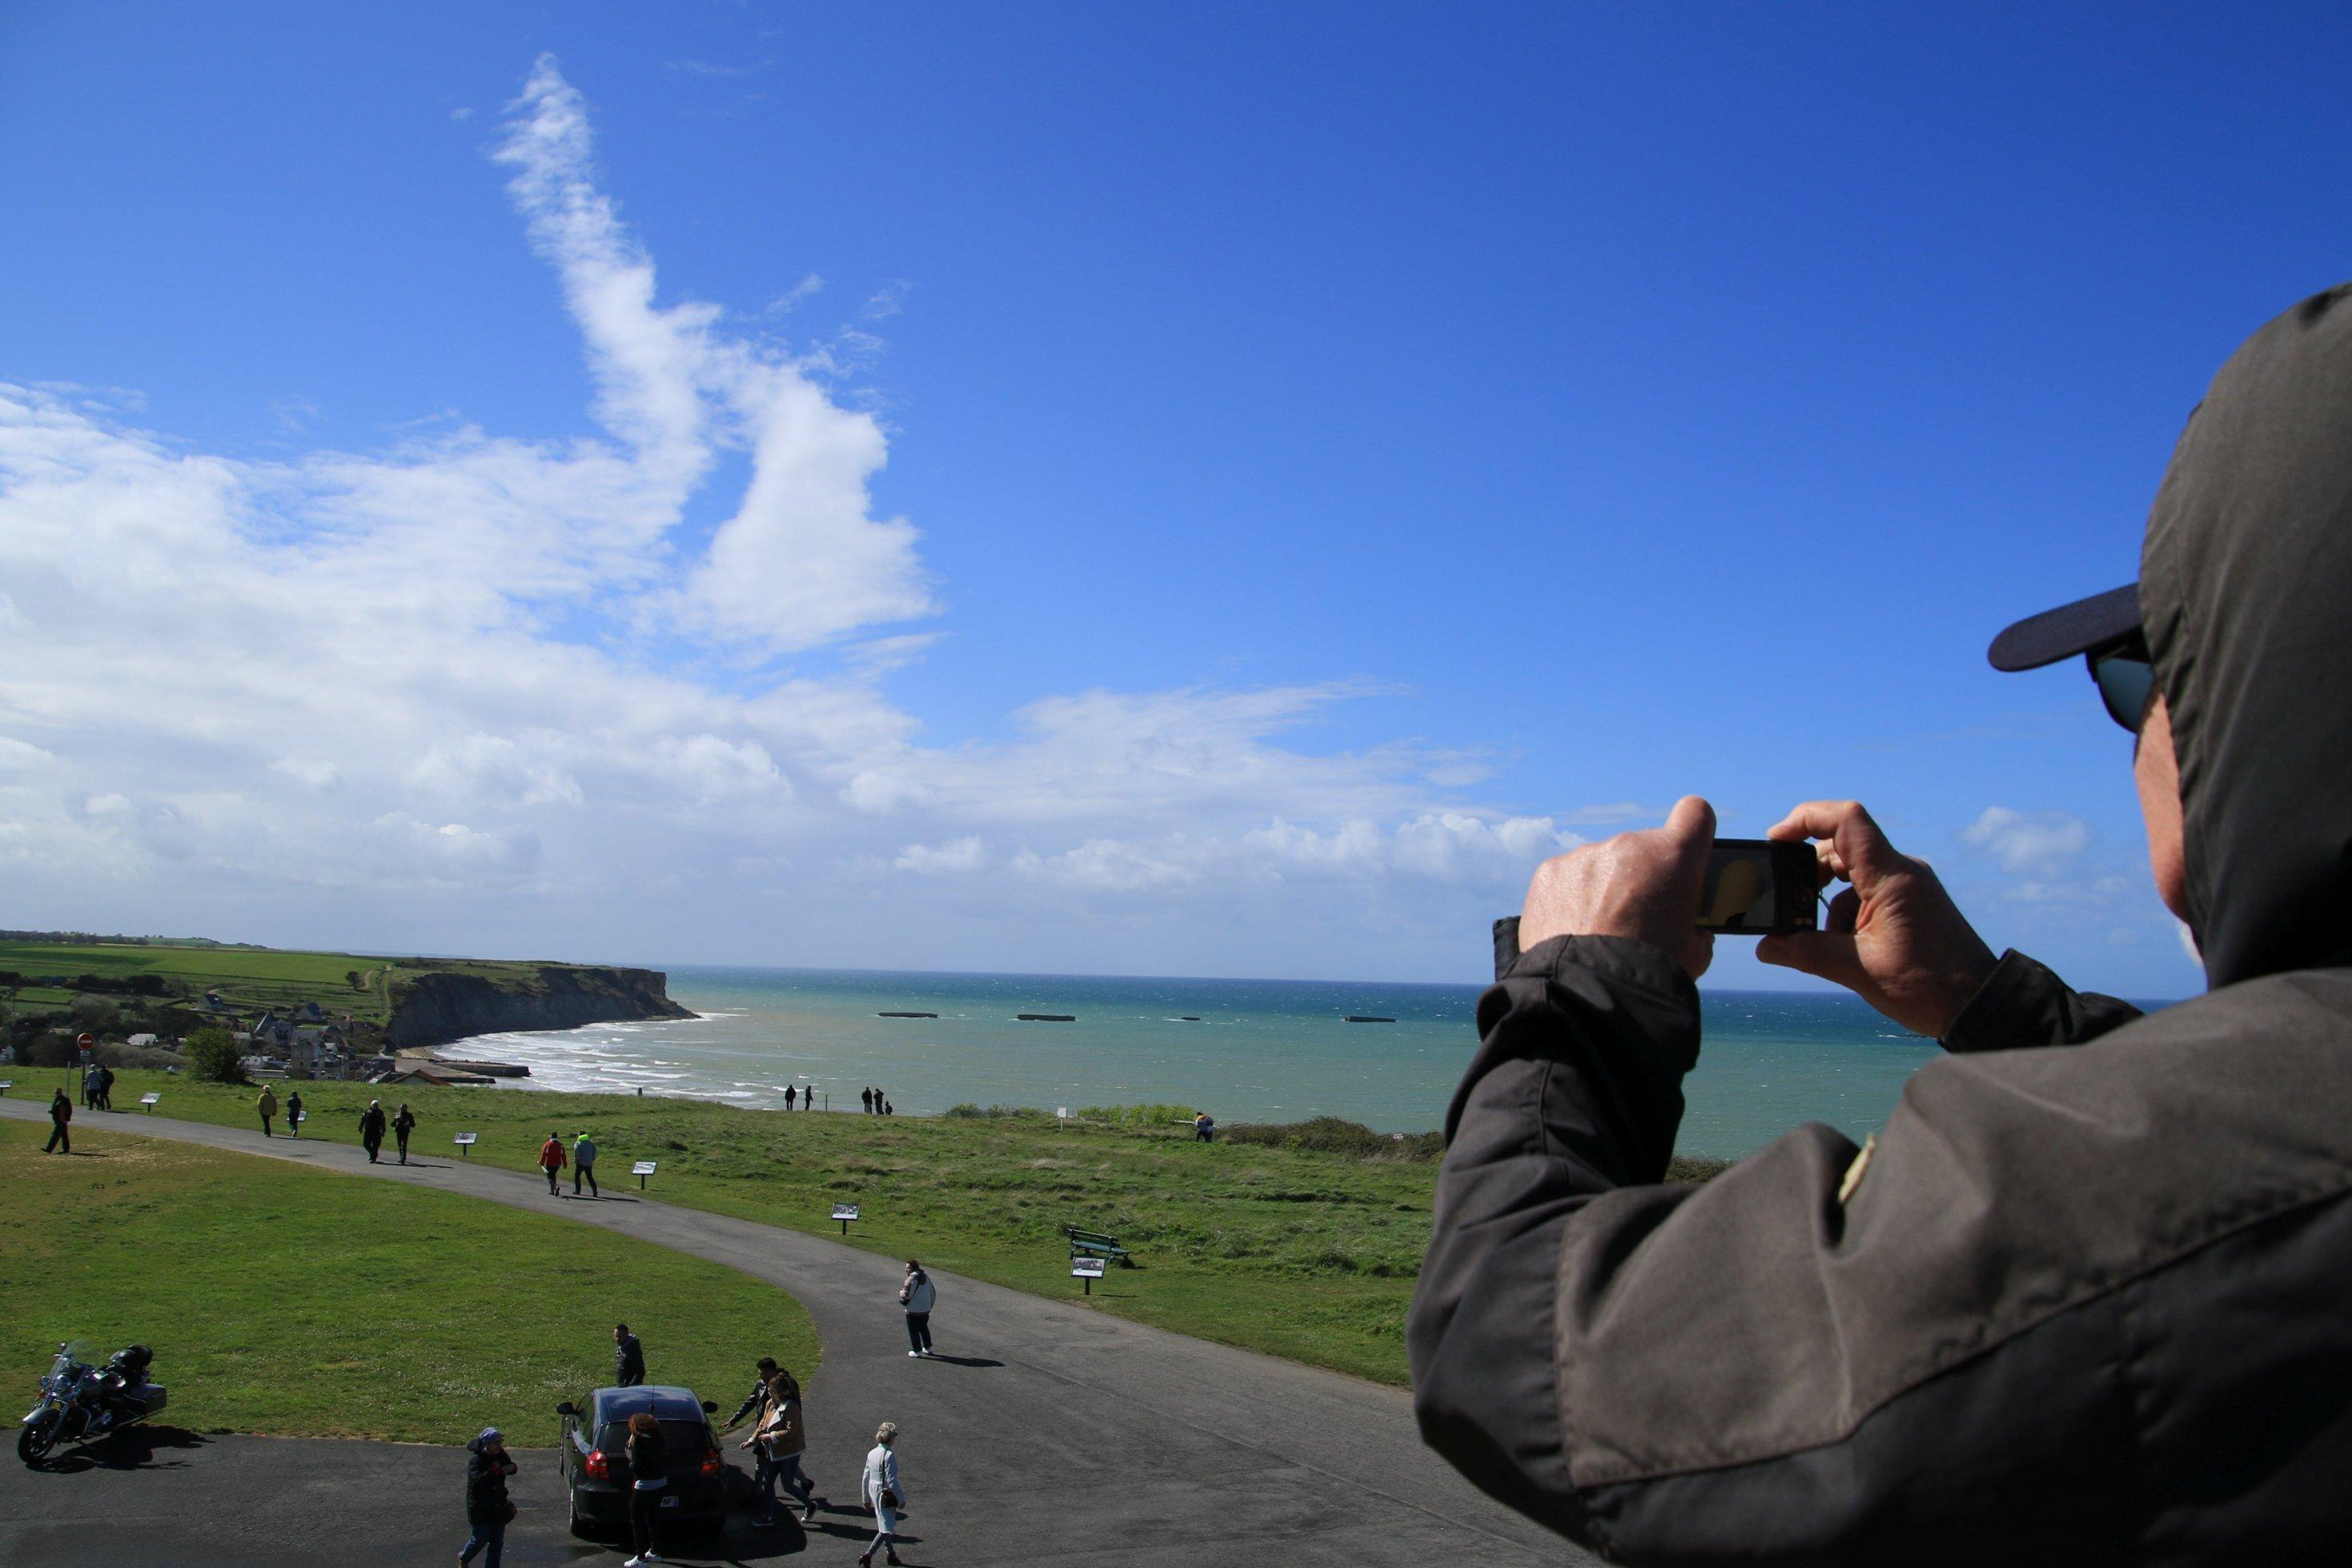 Ein Mann fotografiert einen Strand